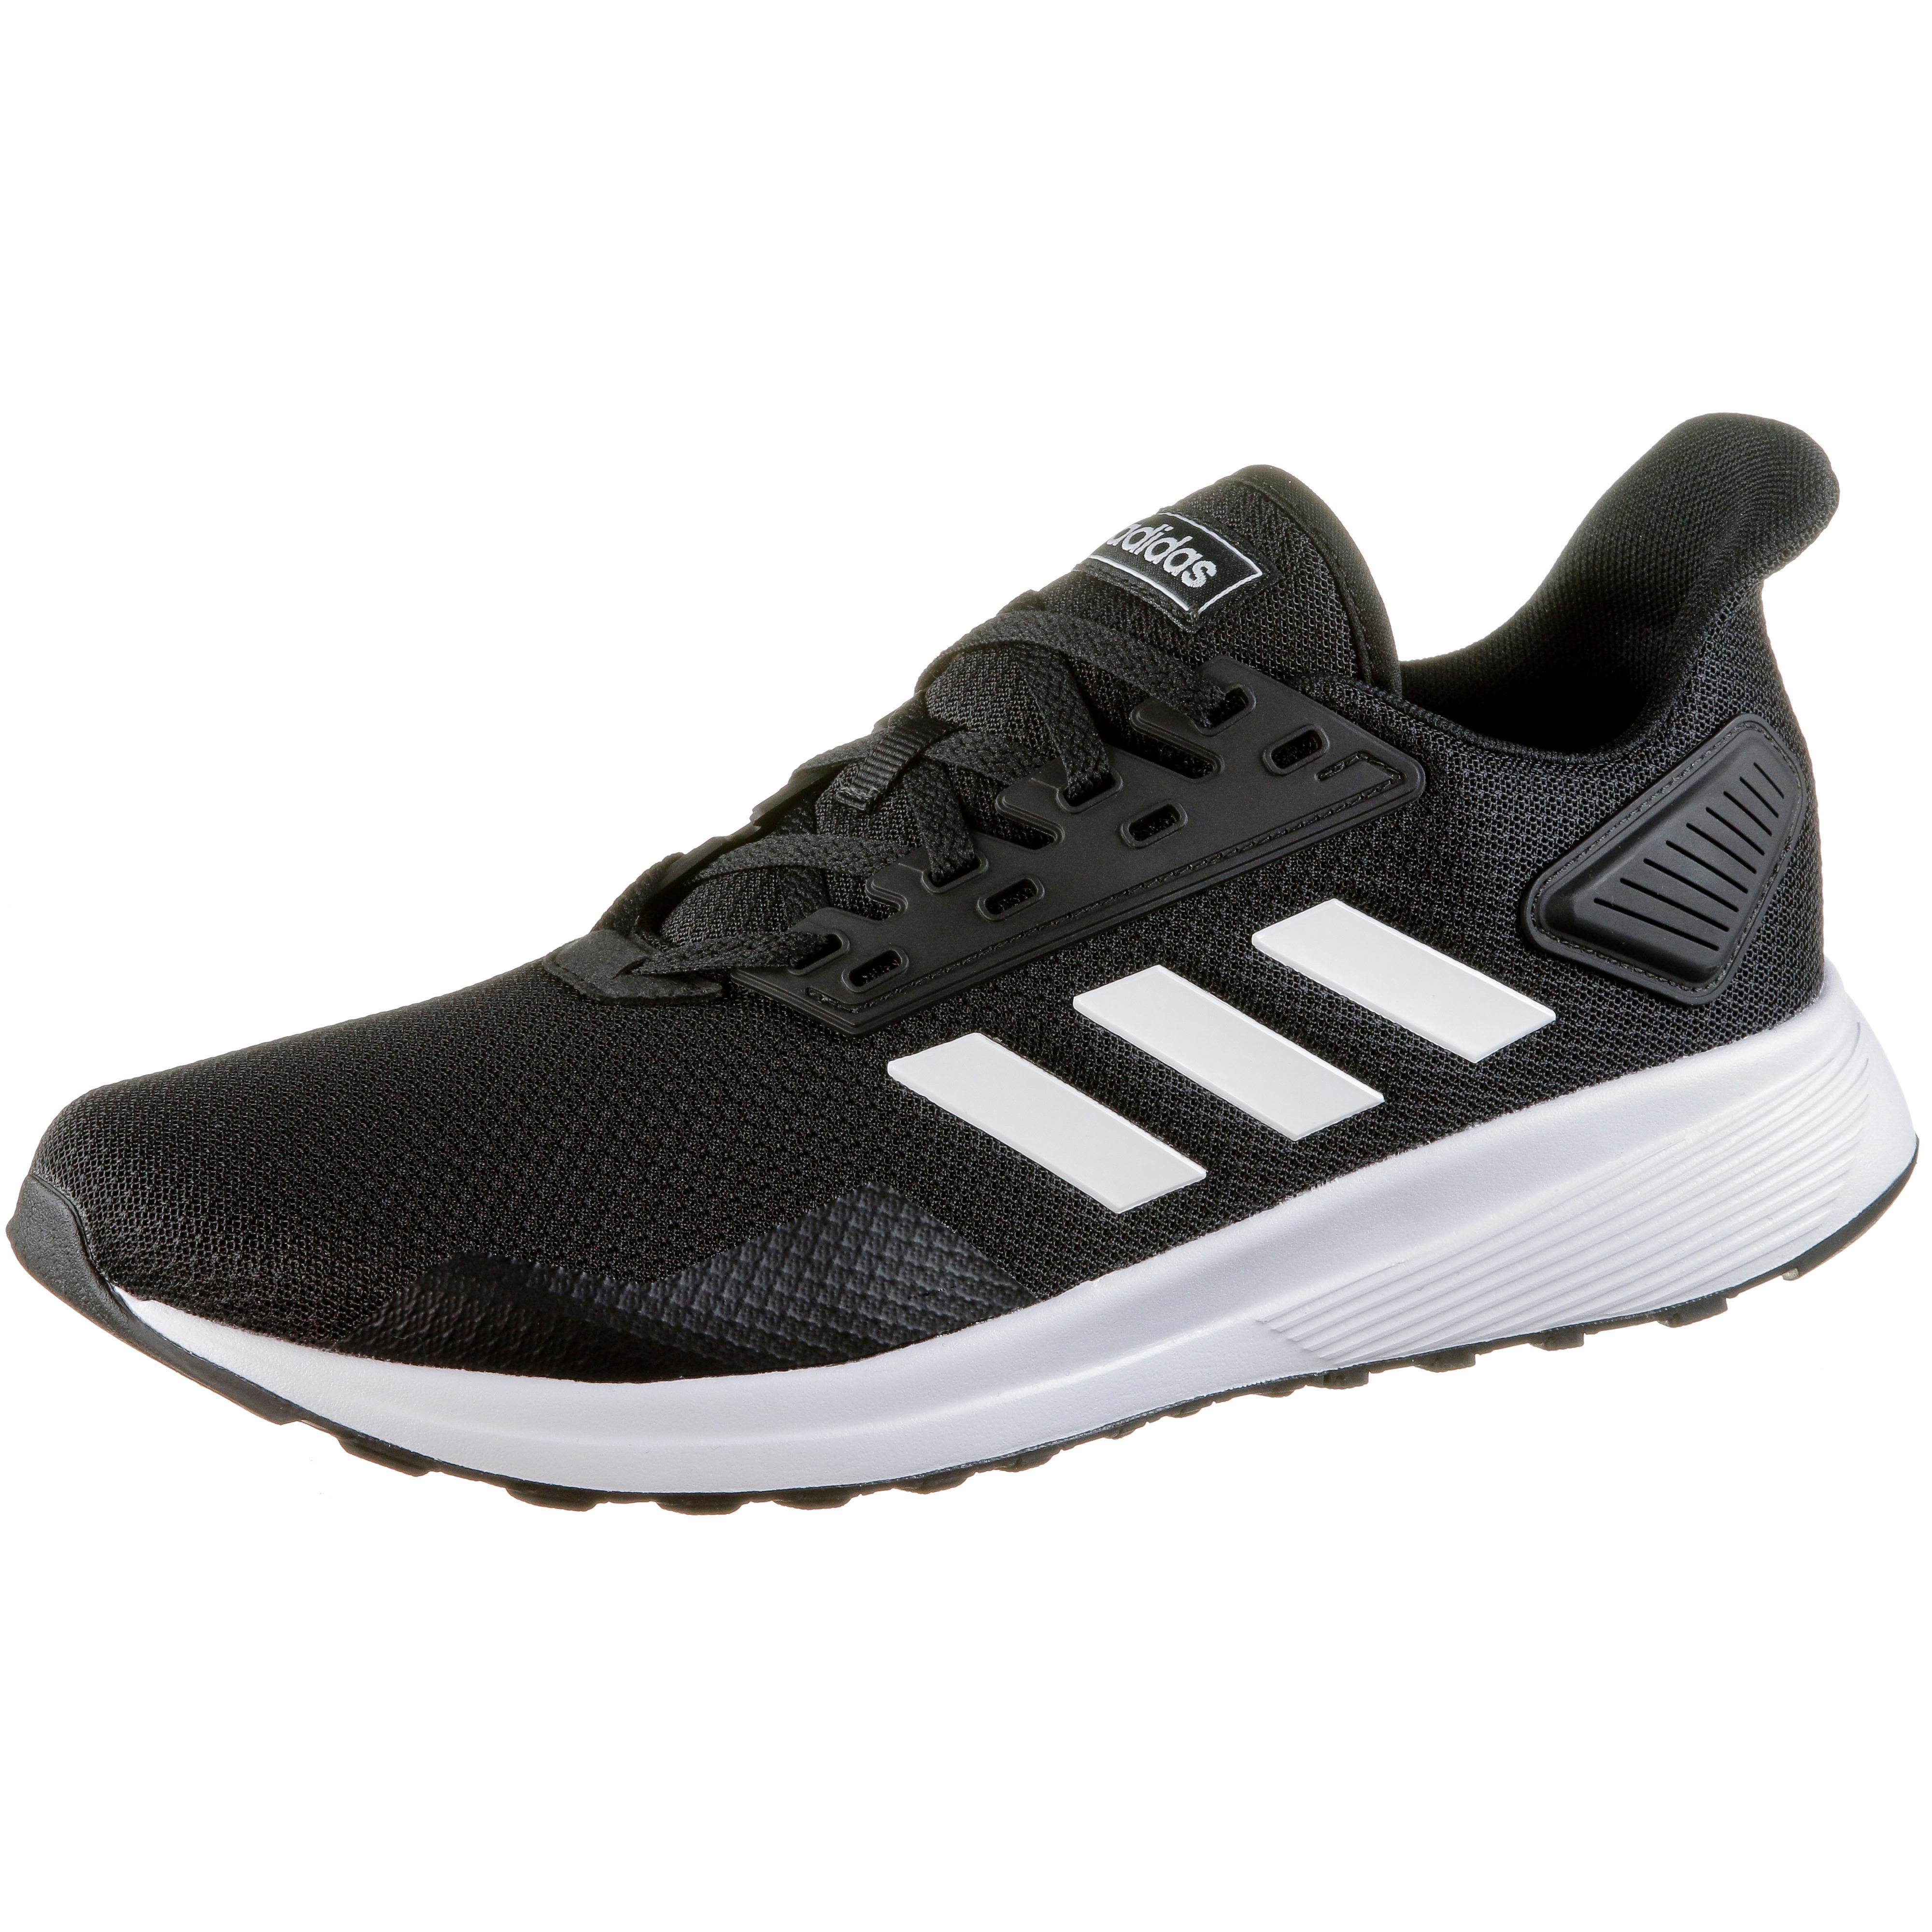 new concept 61cee 23814 Adidas Duramo 9 Laufschuhe Herren core-black im Online Shop von SportScheck  kaufen